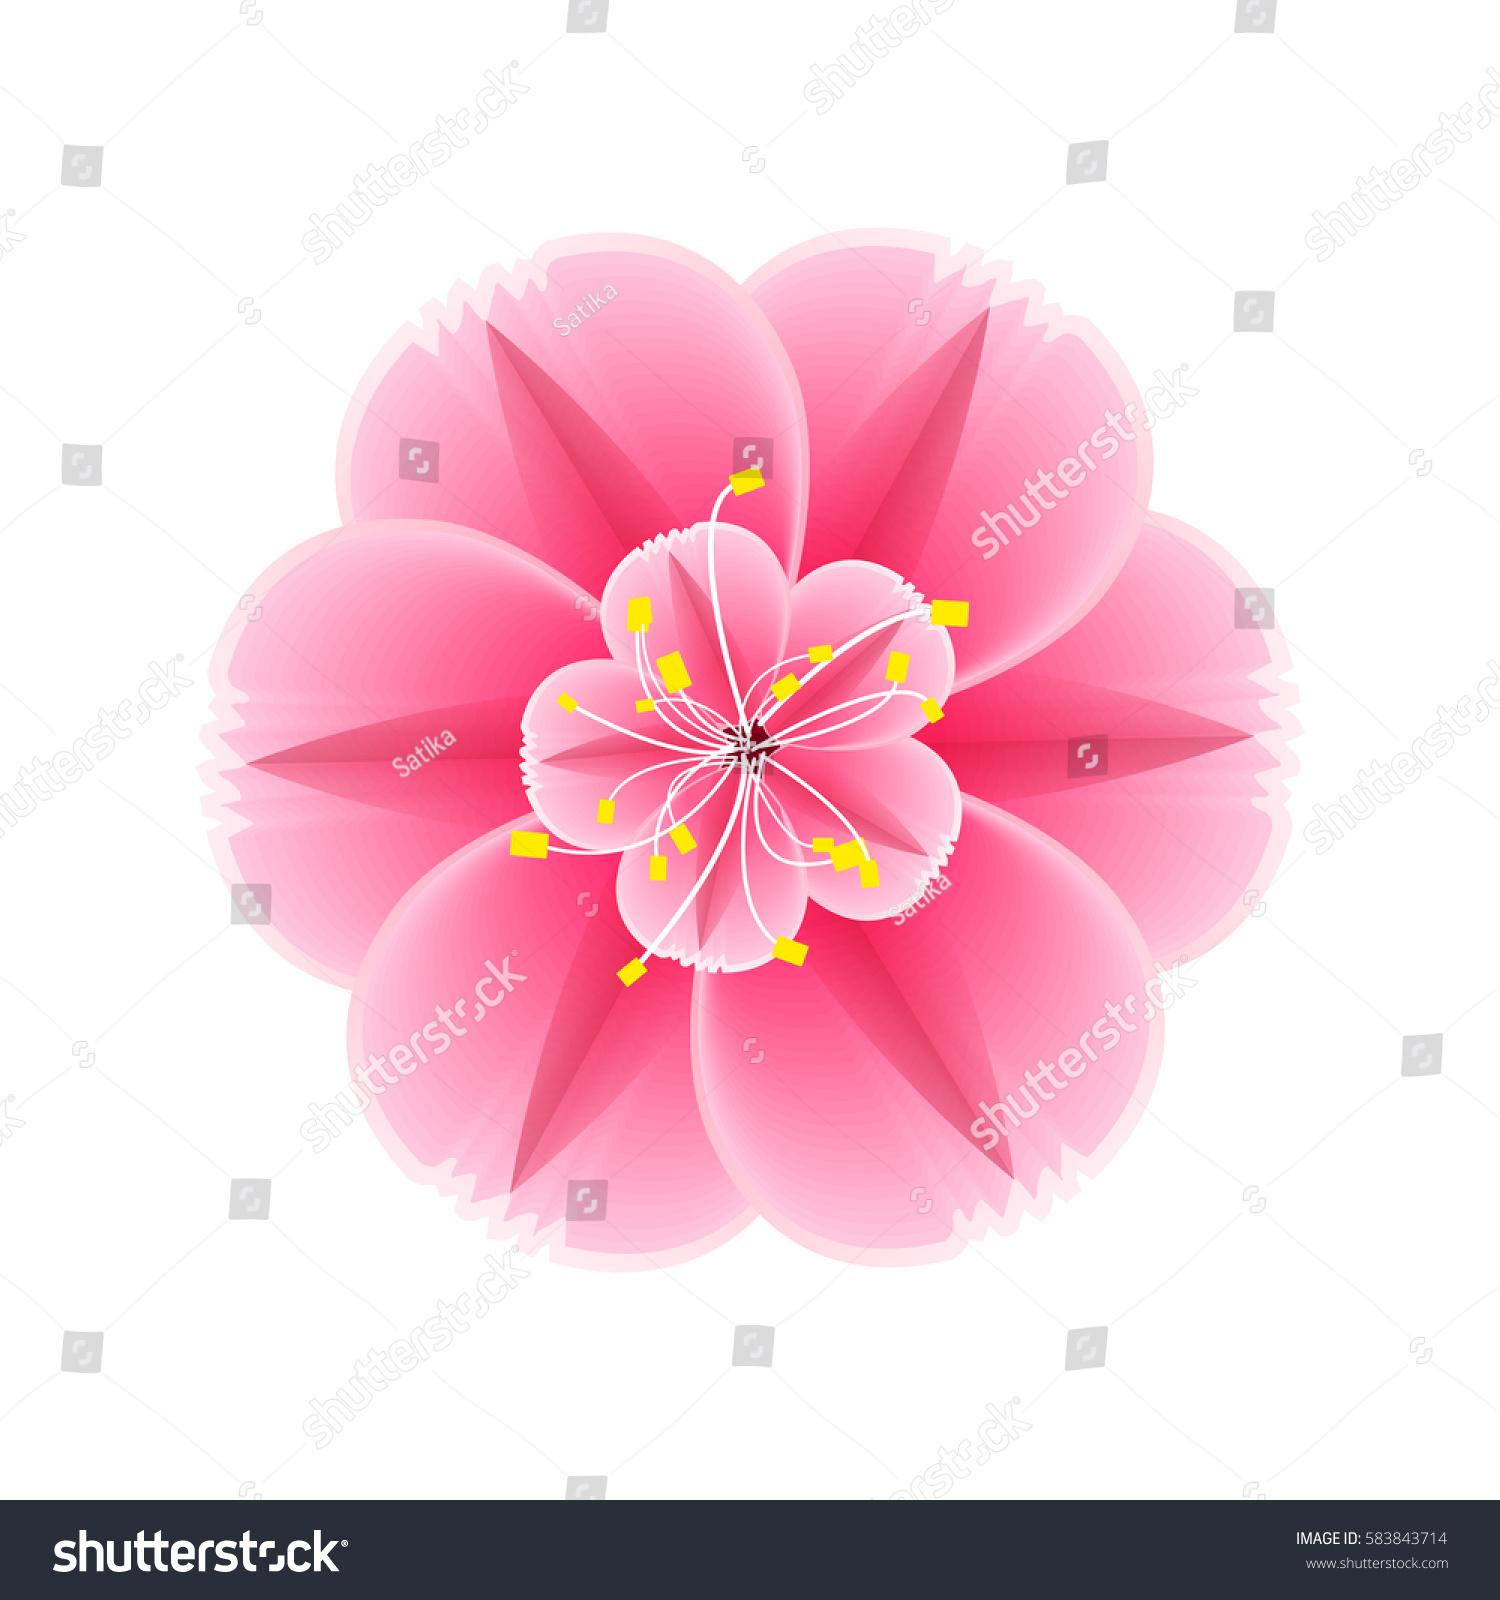 Isolated Flower Sakura Cartoon Pink White Stock Vector 583843714 ...